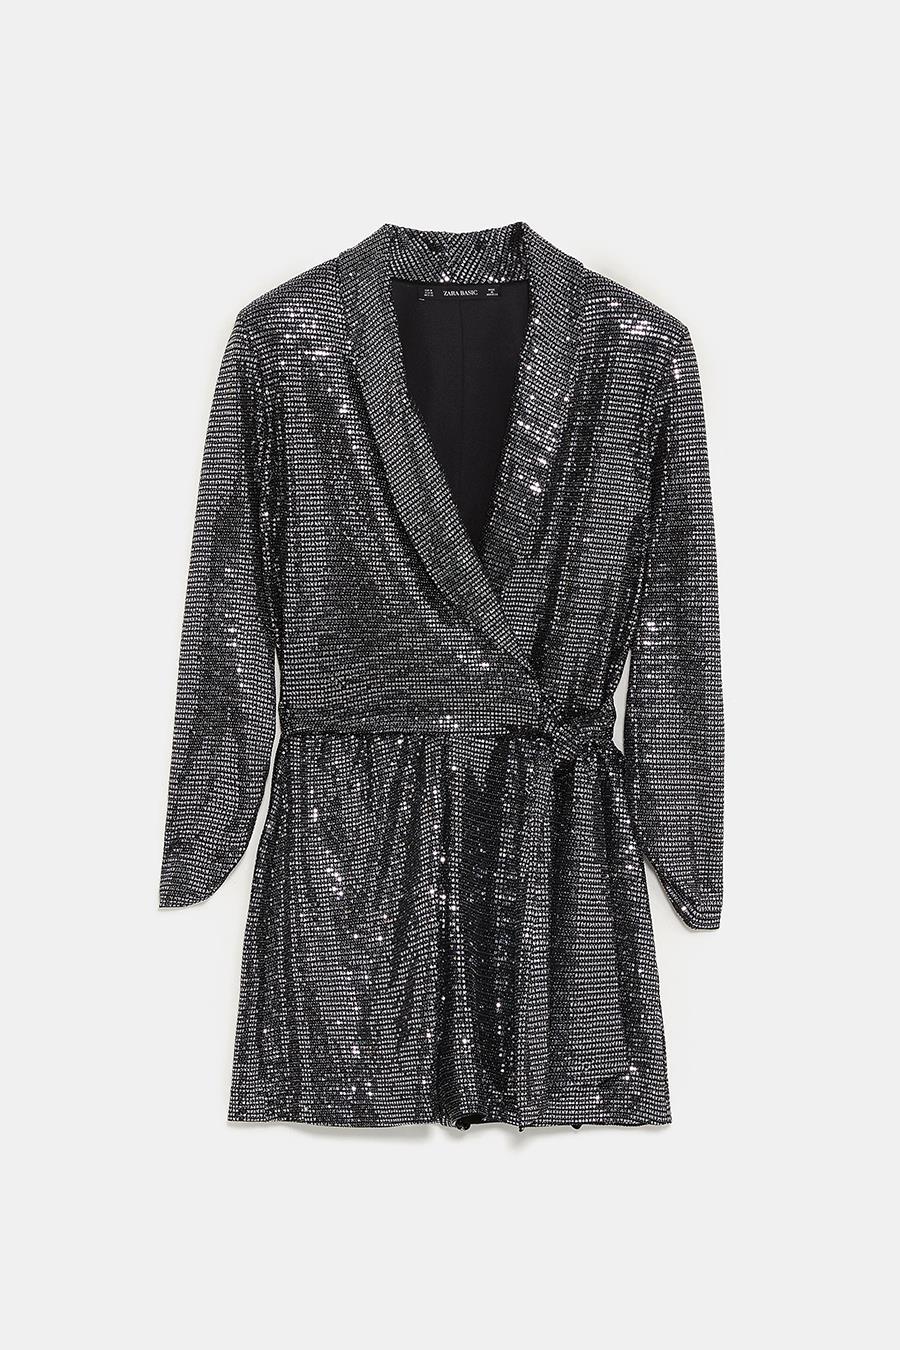 Colección De 201819Todos Looks Los Zara Navidad Fiesta IEYeWDH29